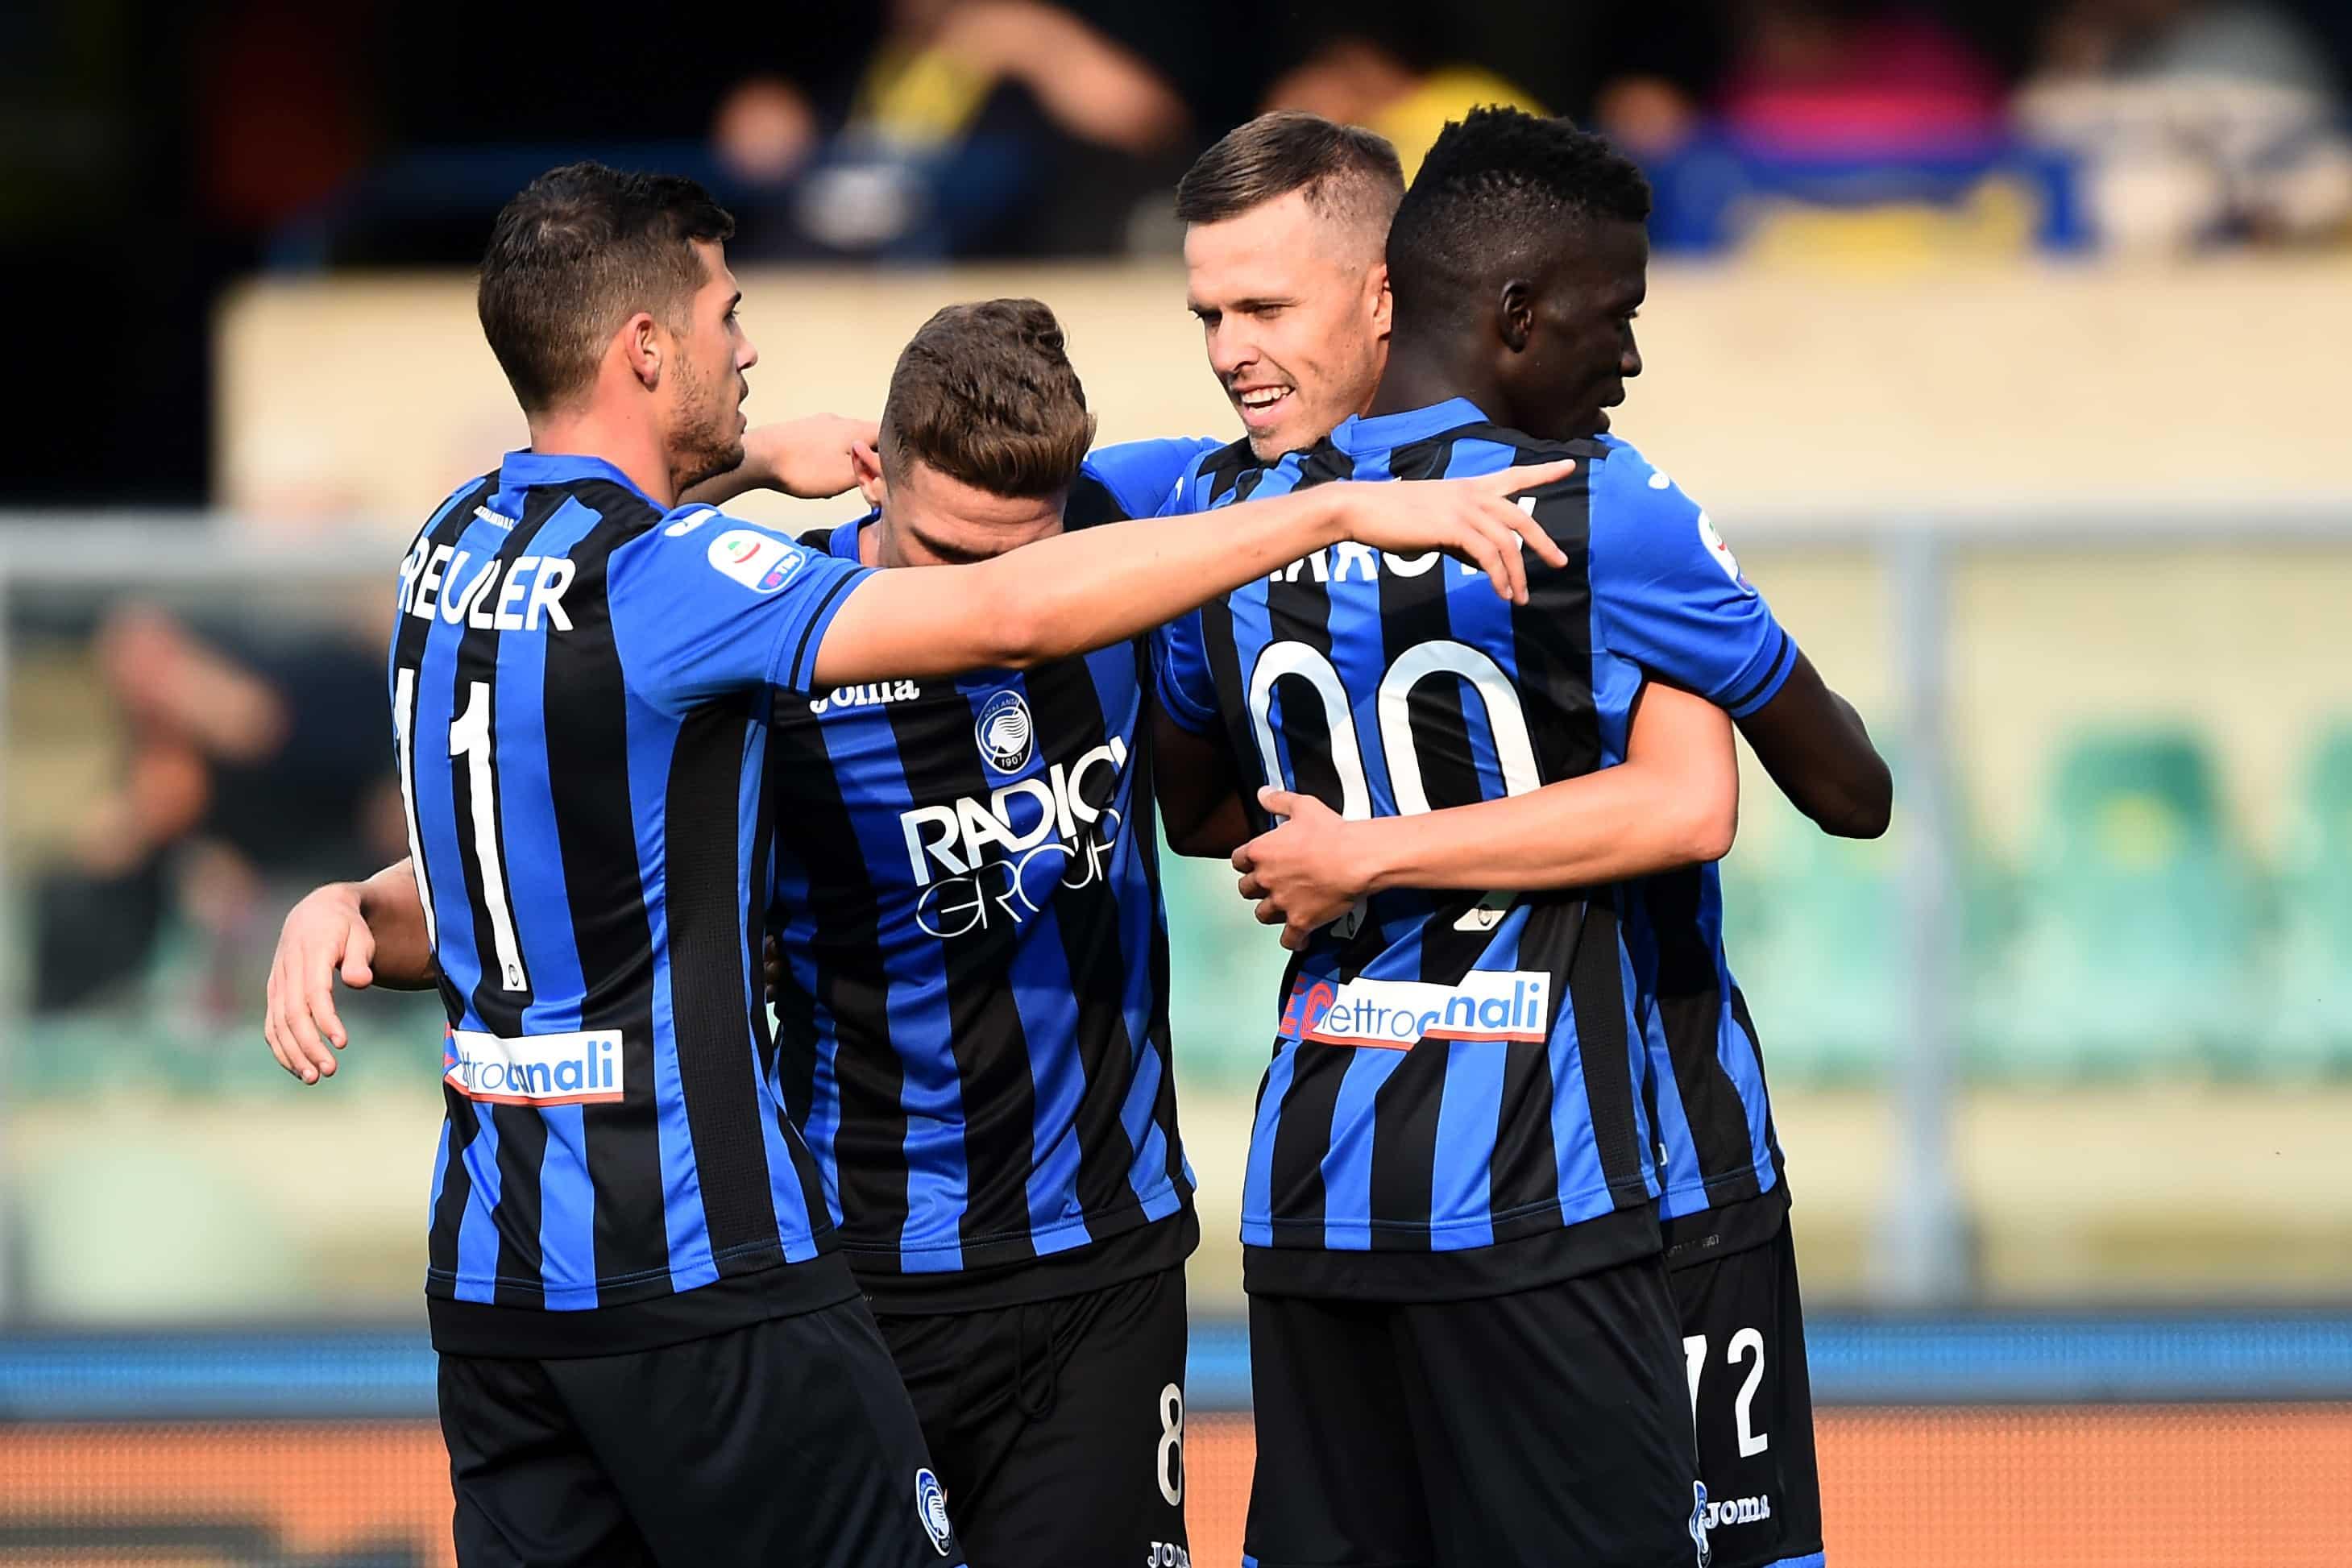 Serie A, Ronaldo decide Empoli-Juventus: il portoghese è decisivo al Castellani